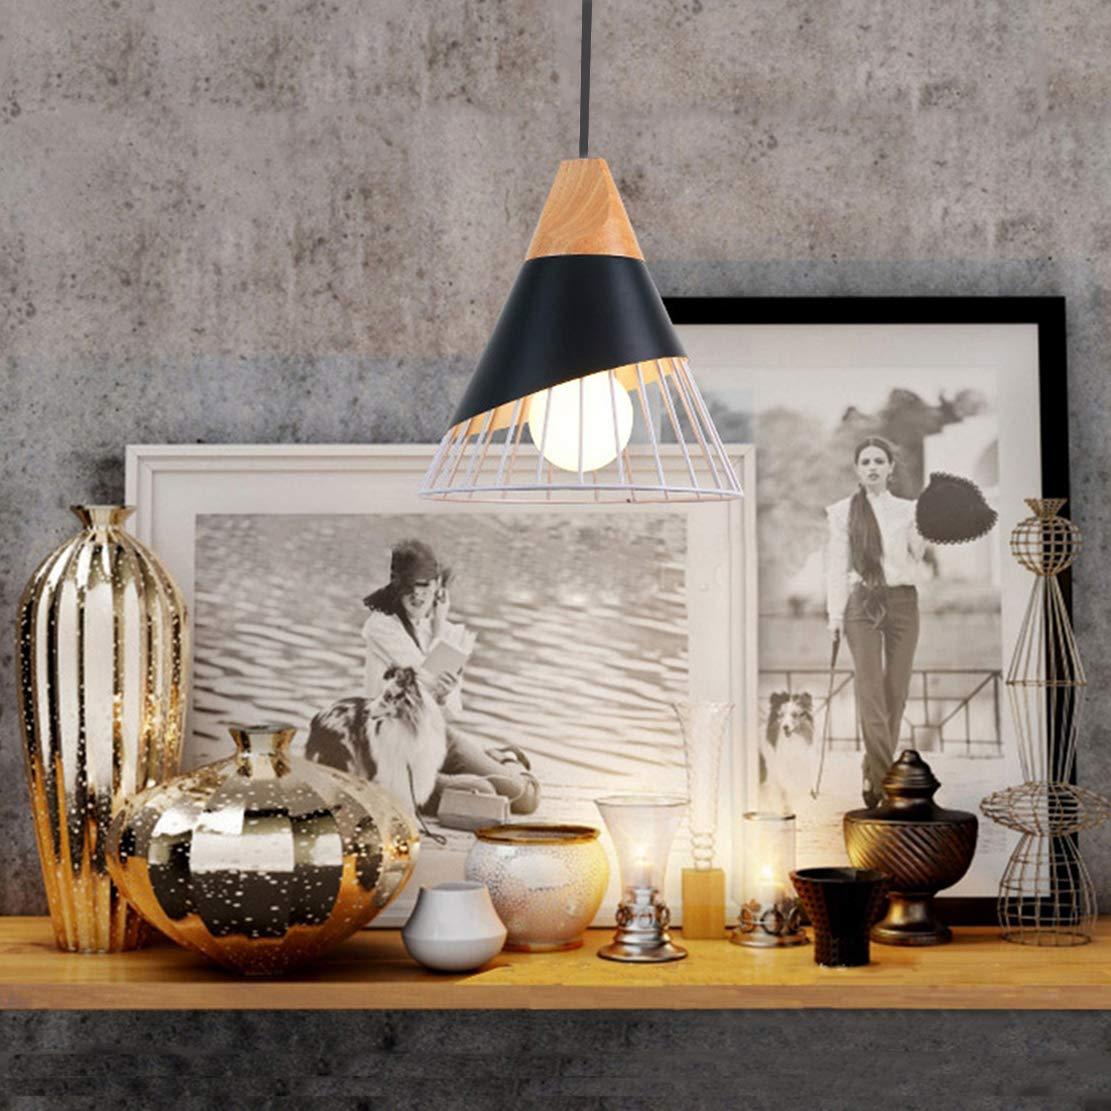 Kronleuchter Modern Einfach Beleuchtung Deckenleuchte LED Wohnzimmer Schlafzimmer K/üche Bad Kreativ Kegel H/ängeleuchte Eisen E27 40W 25 Schwarz 27CM Kabell/änge 120CM Einstellbar